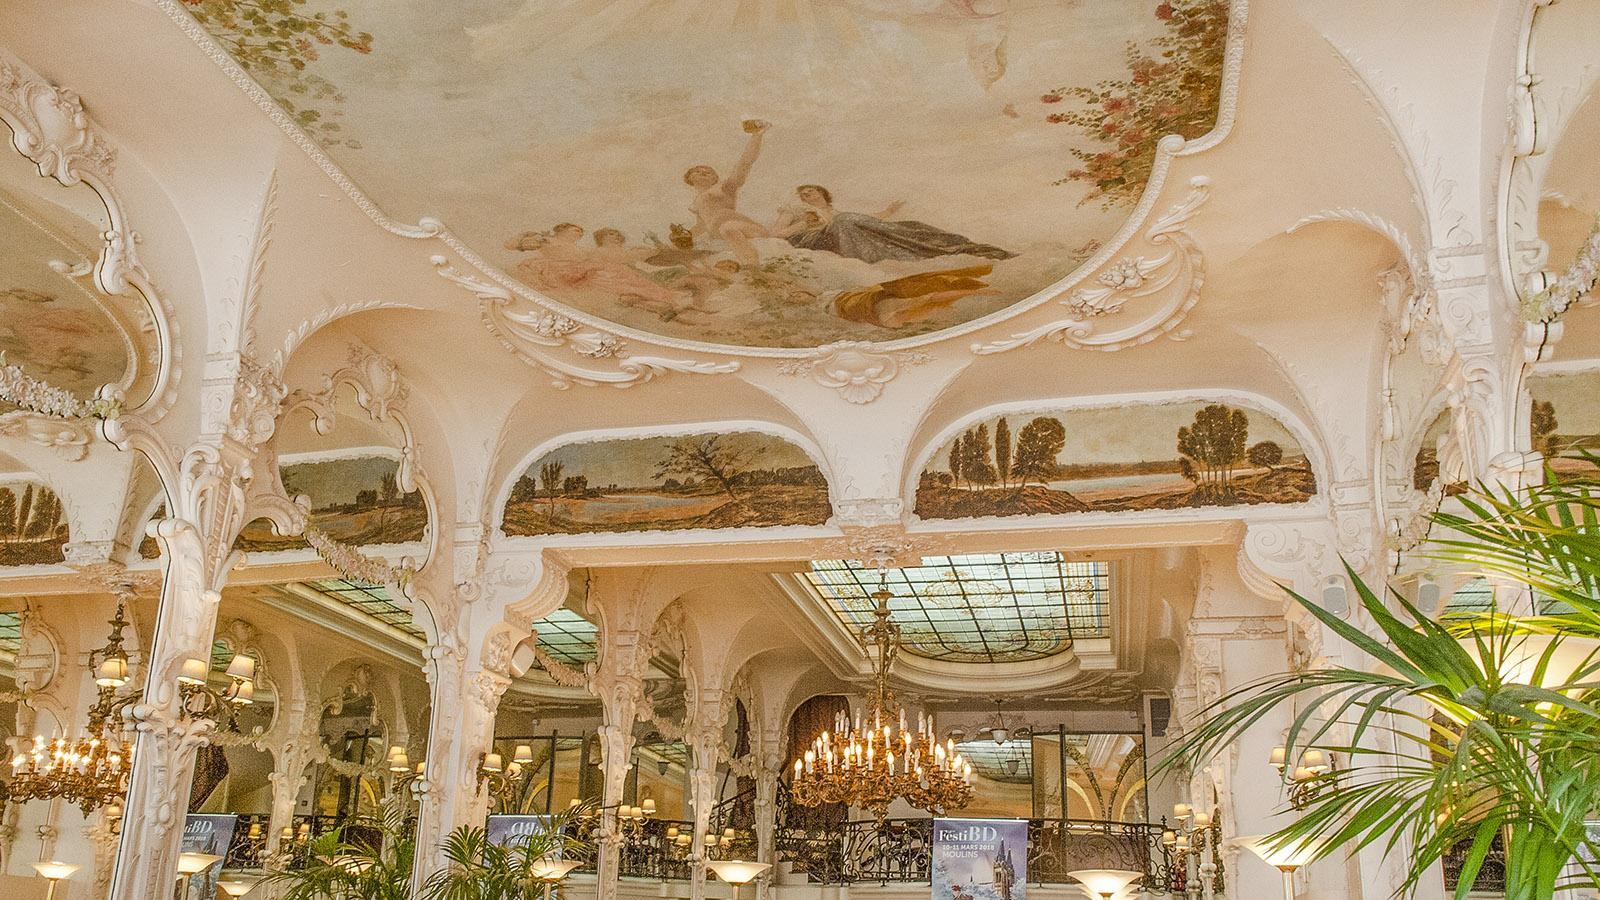 Auvergne. Prachtvoll opulent: das Grand Café von Moulins. Foto: Hilke Maunder